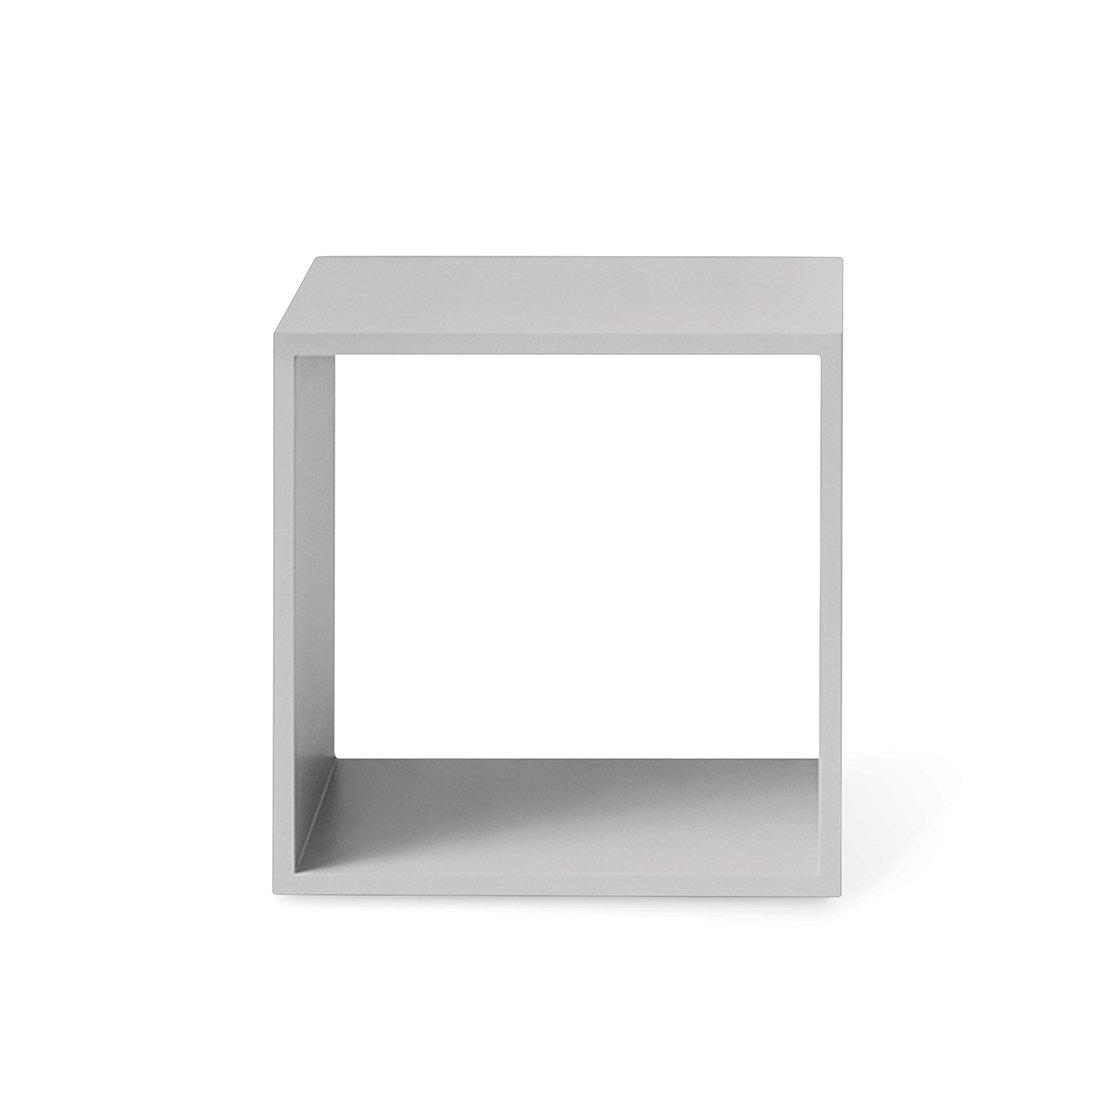 Muuto Stacked 2.0 Modules Medium Lichtgijs/Open